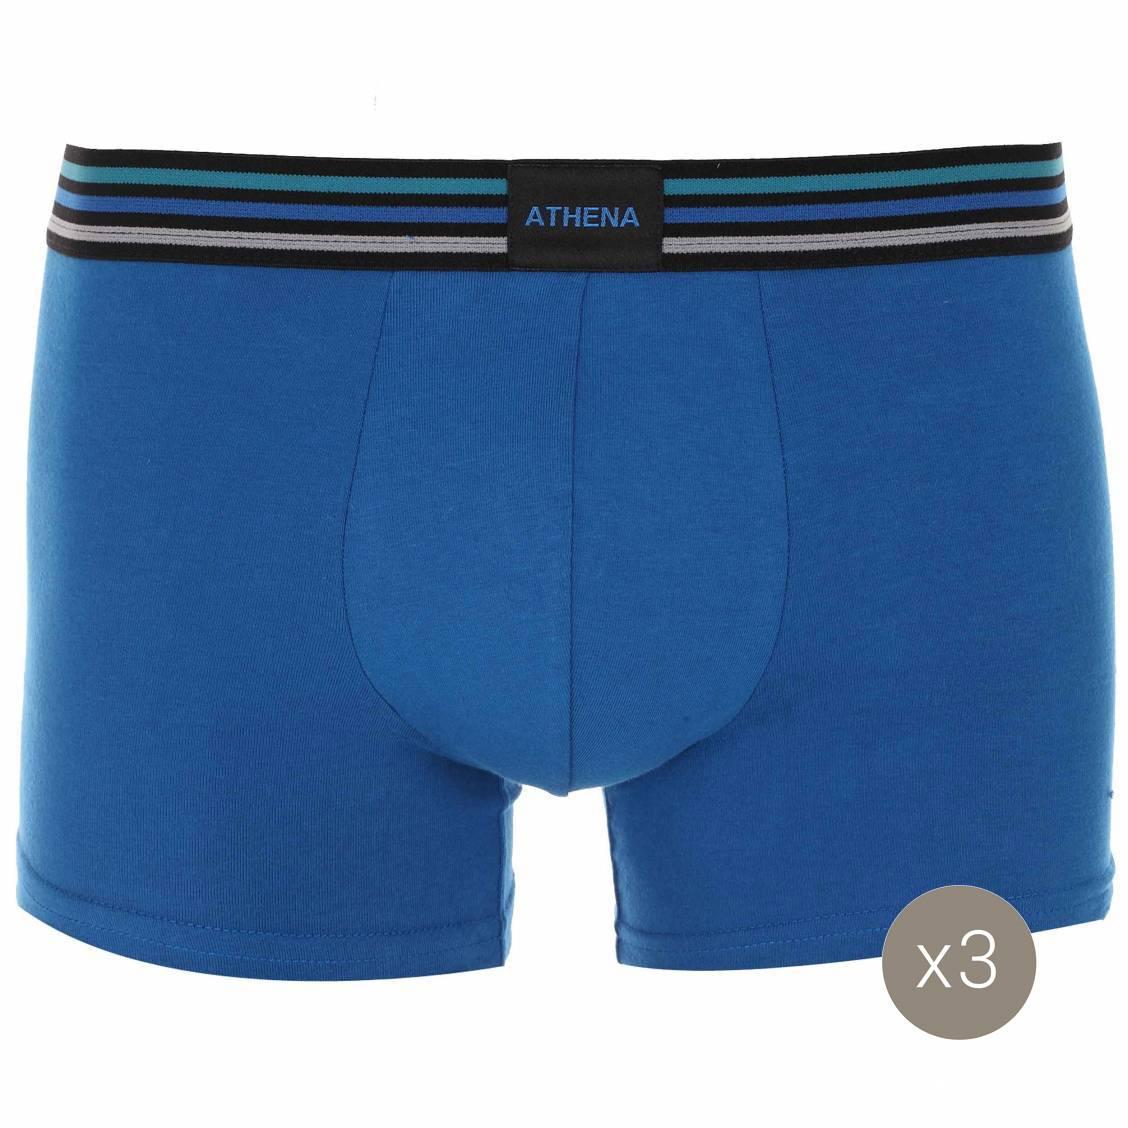 boxers athena en coton stretch